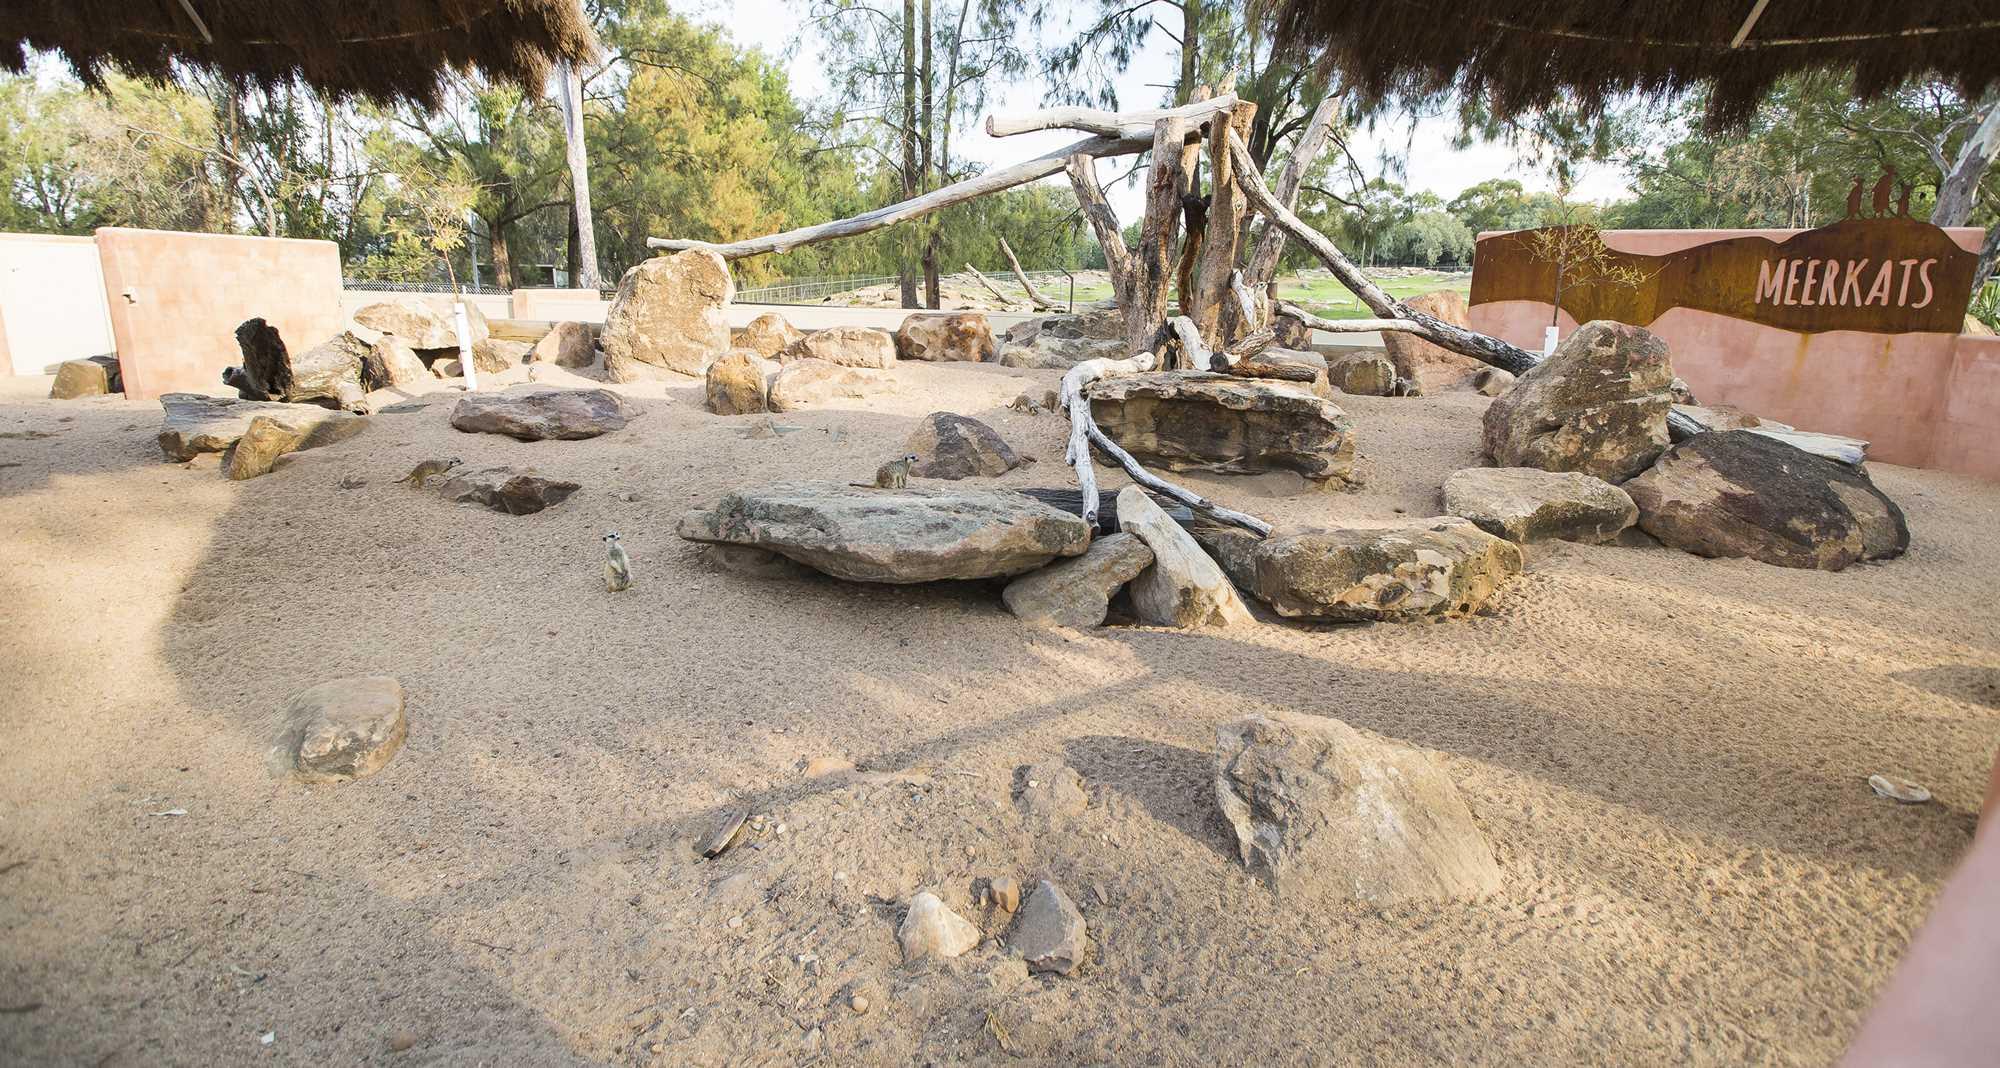 Meerkat Enclosure 5